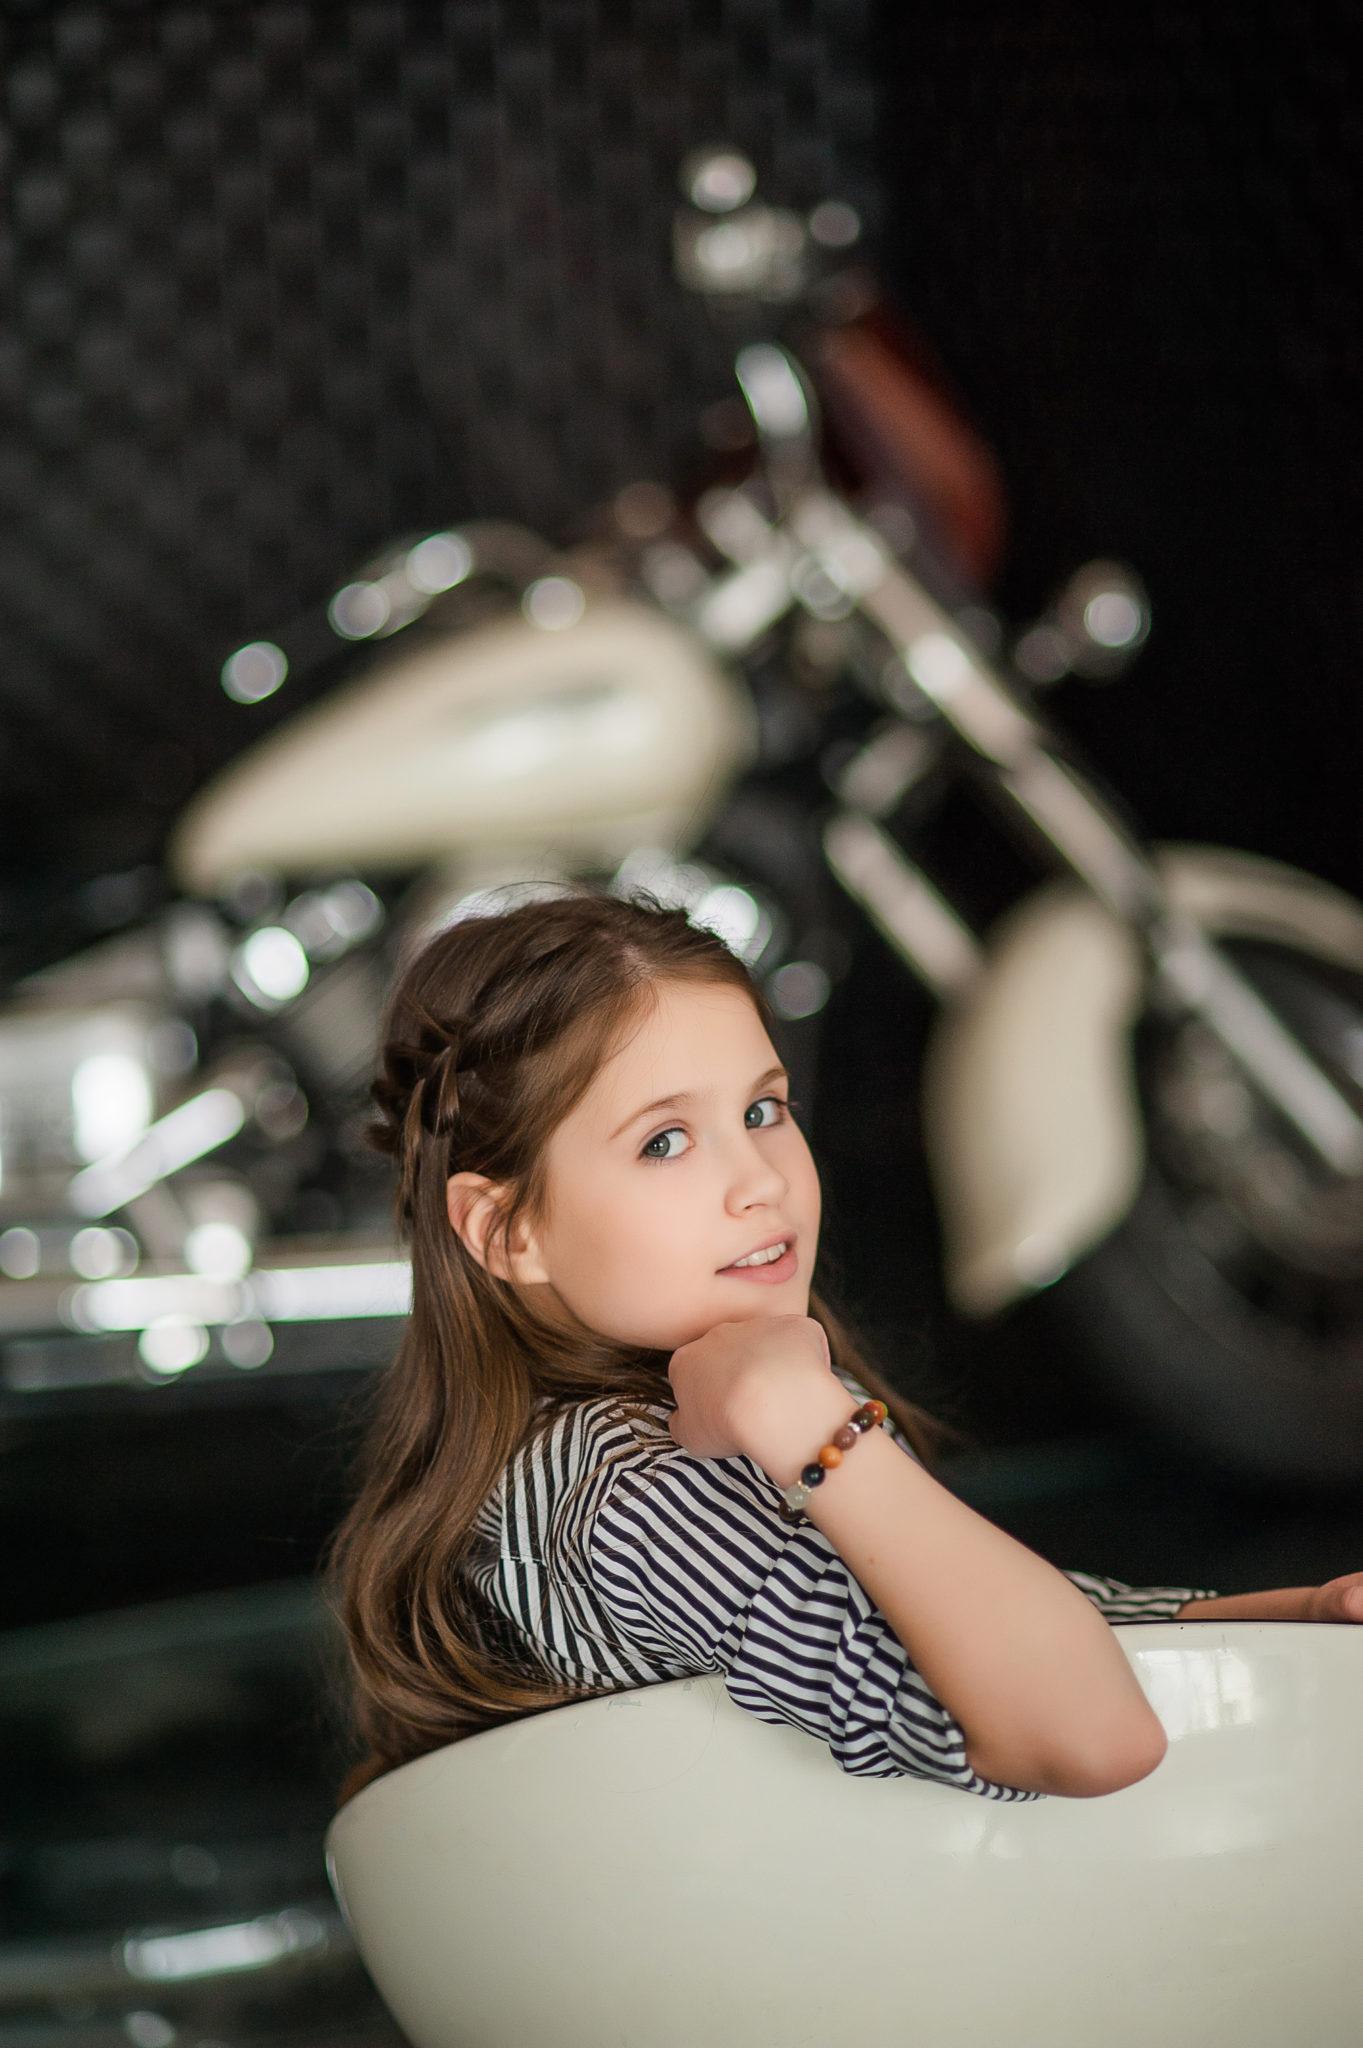 Детская фотосессия, девочка на фоне мотоцикла